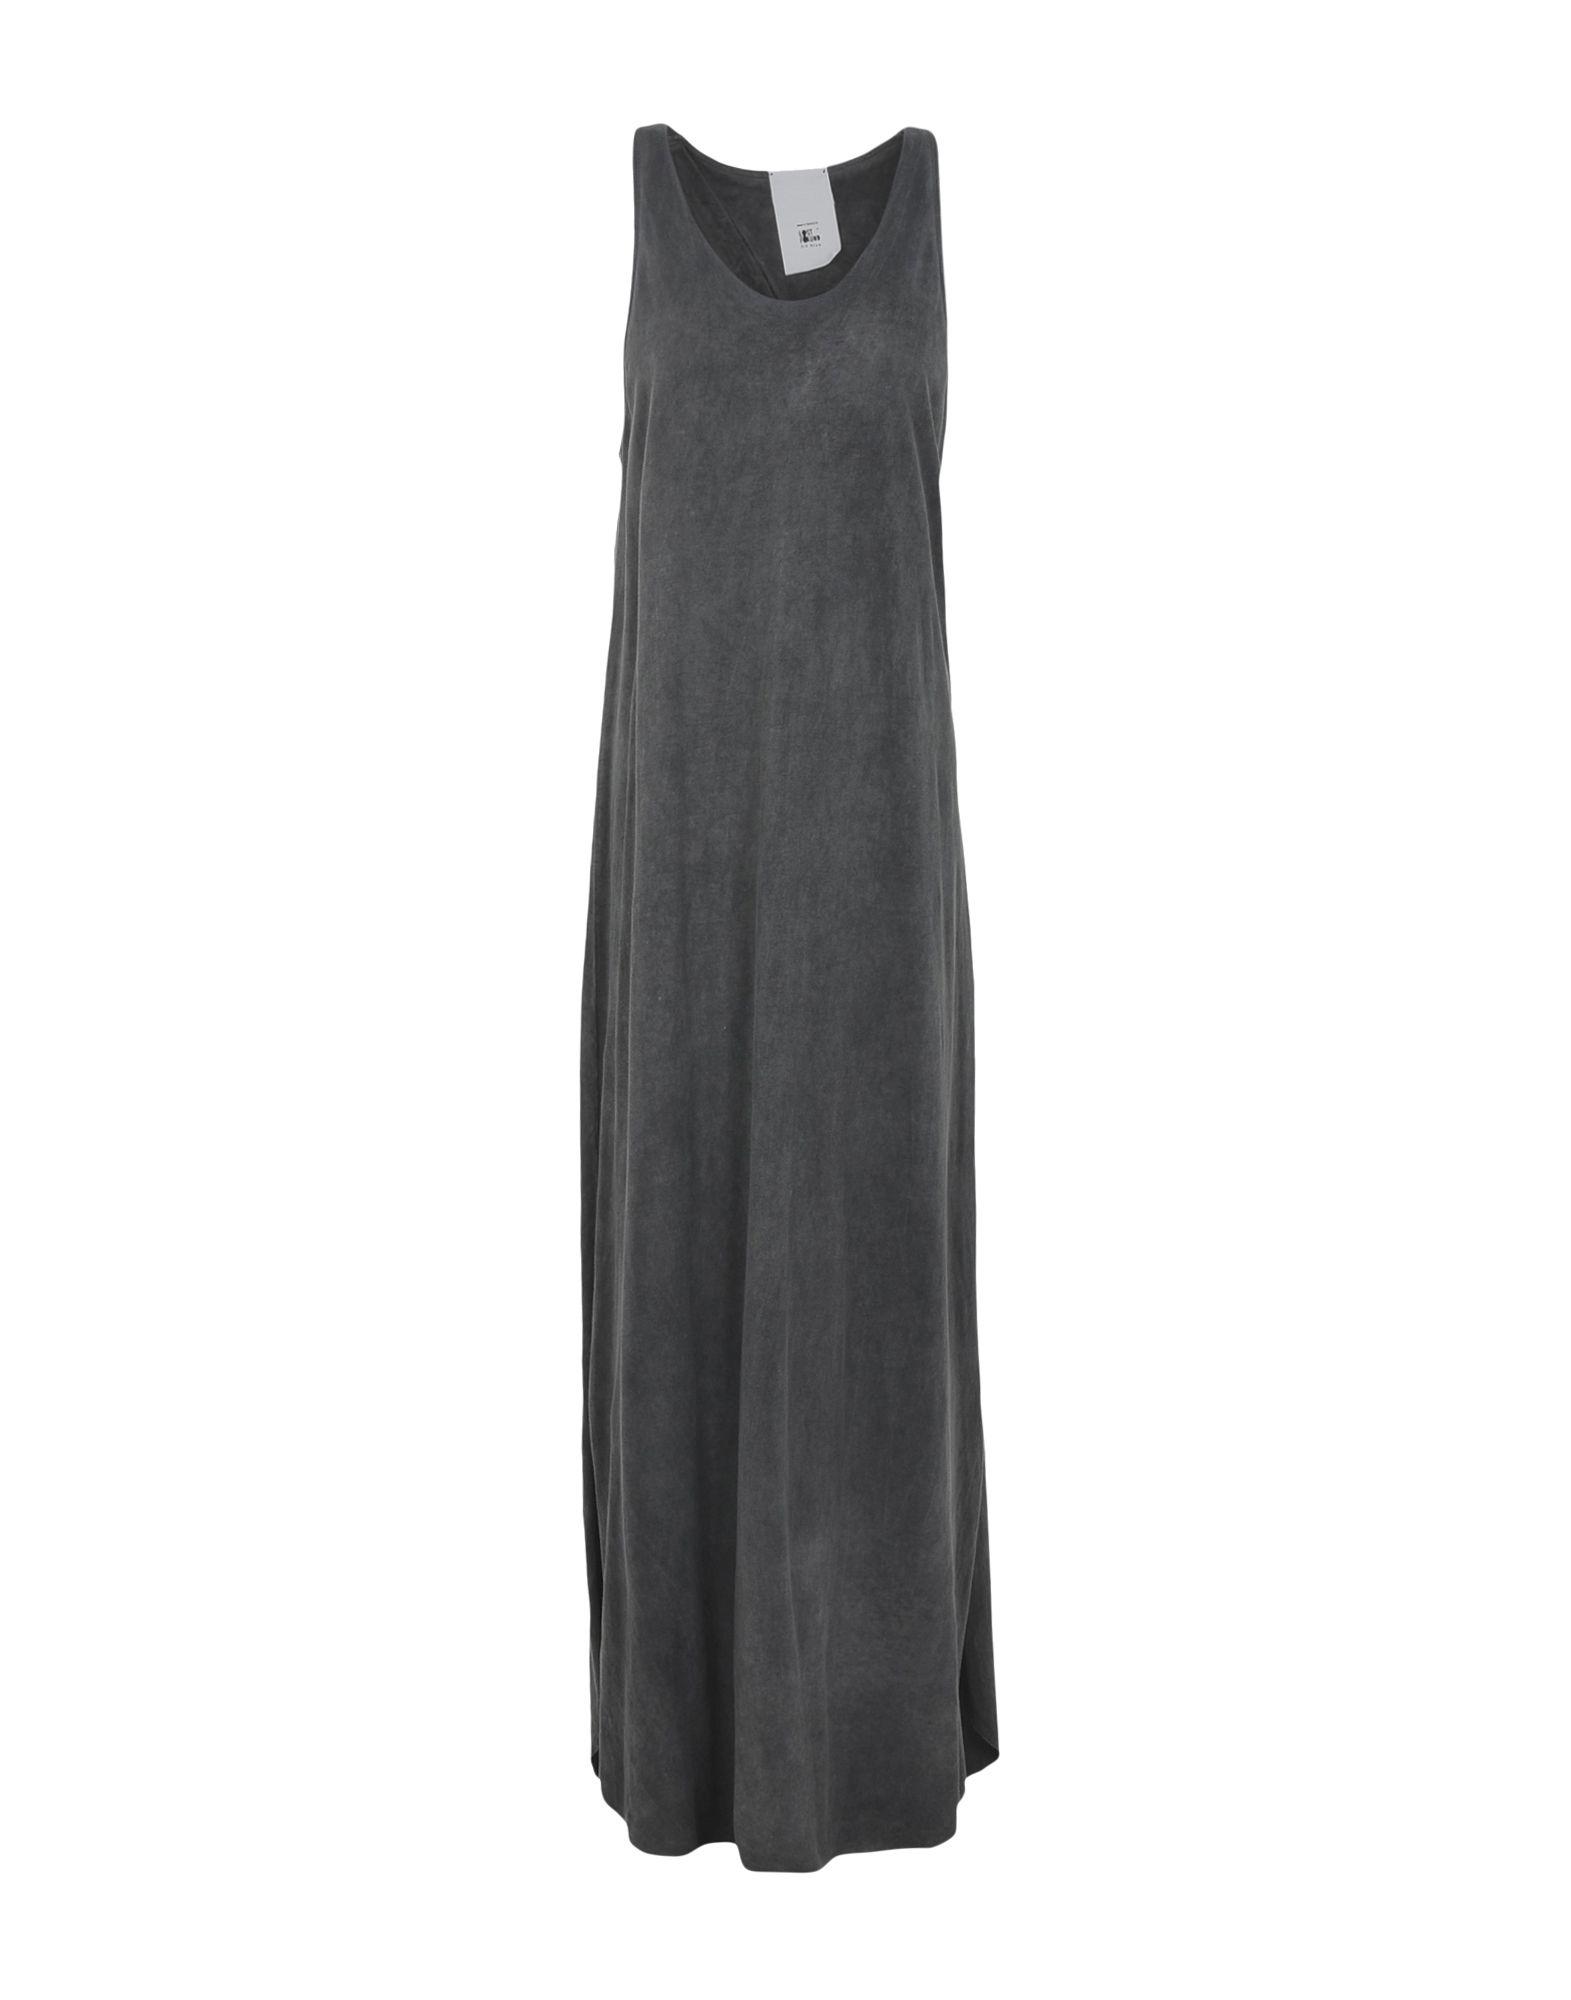 LOST & FOUND Длинное платье found in brooklyn